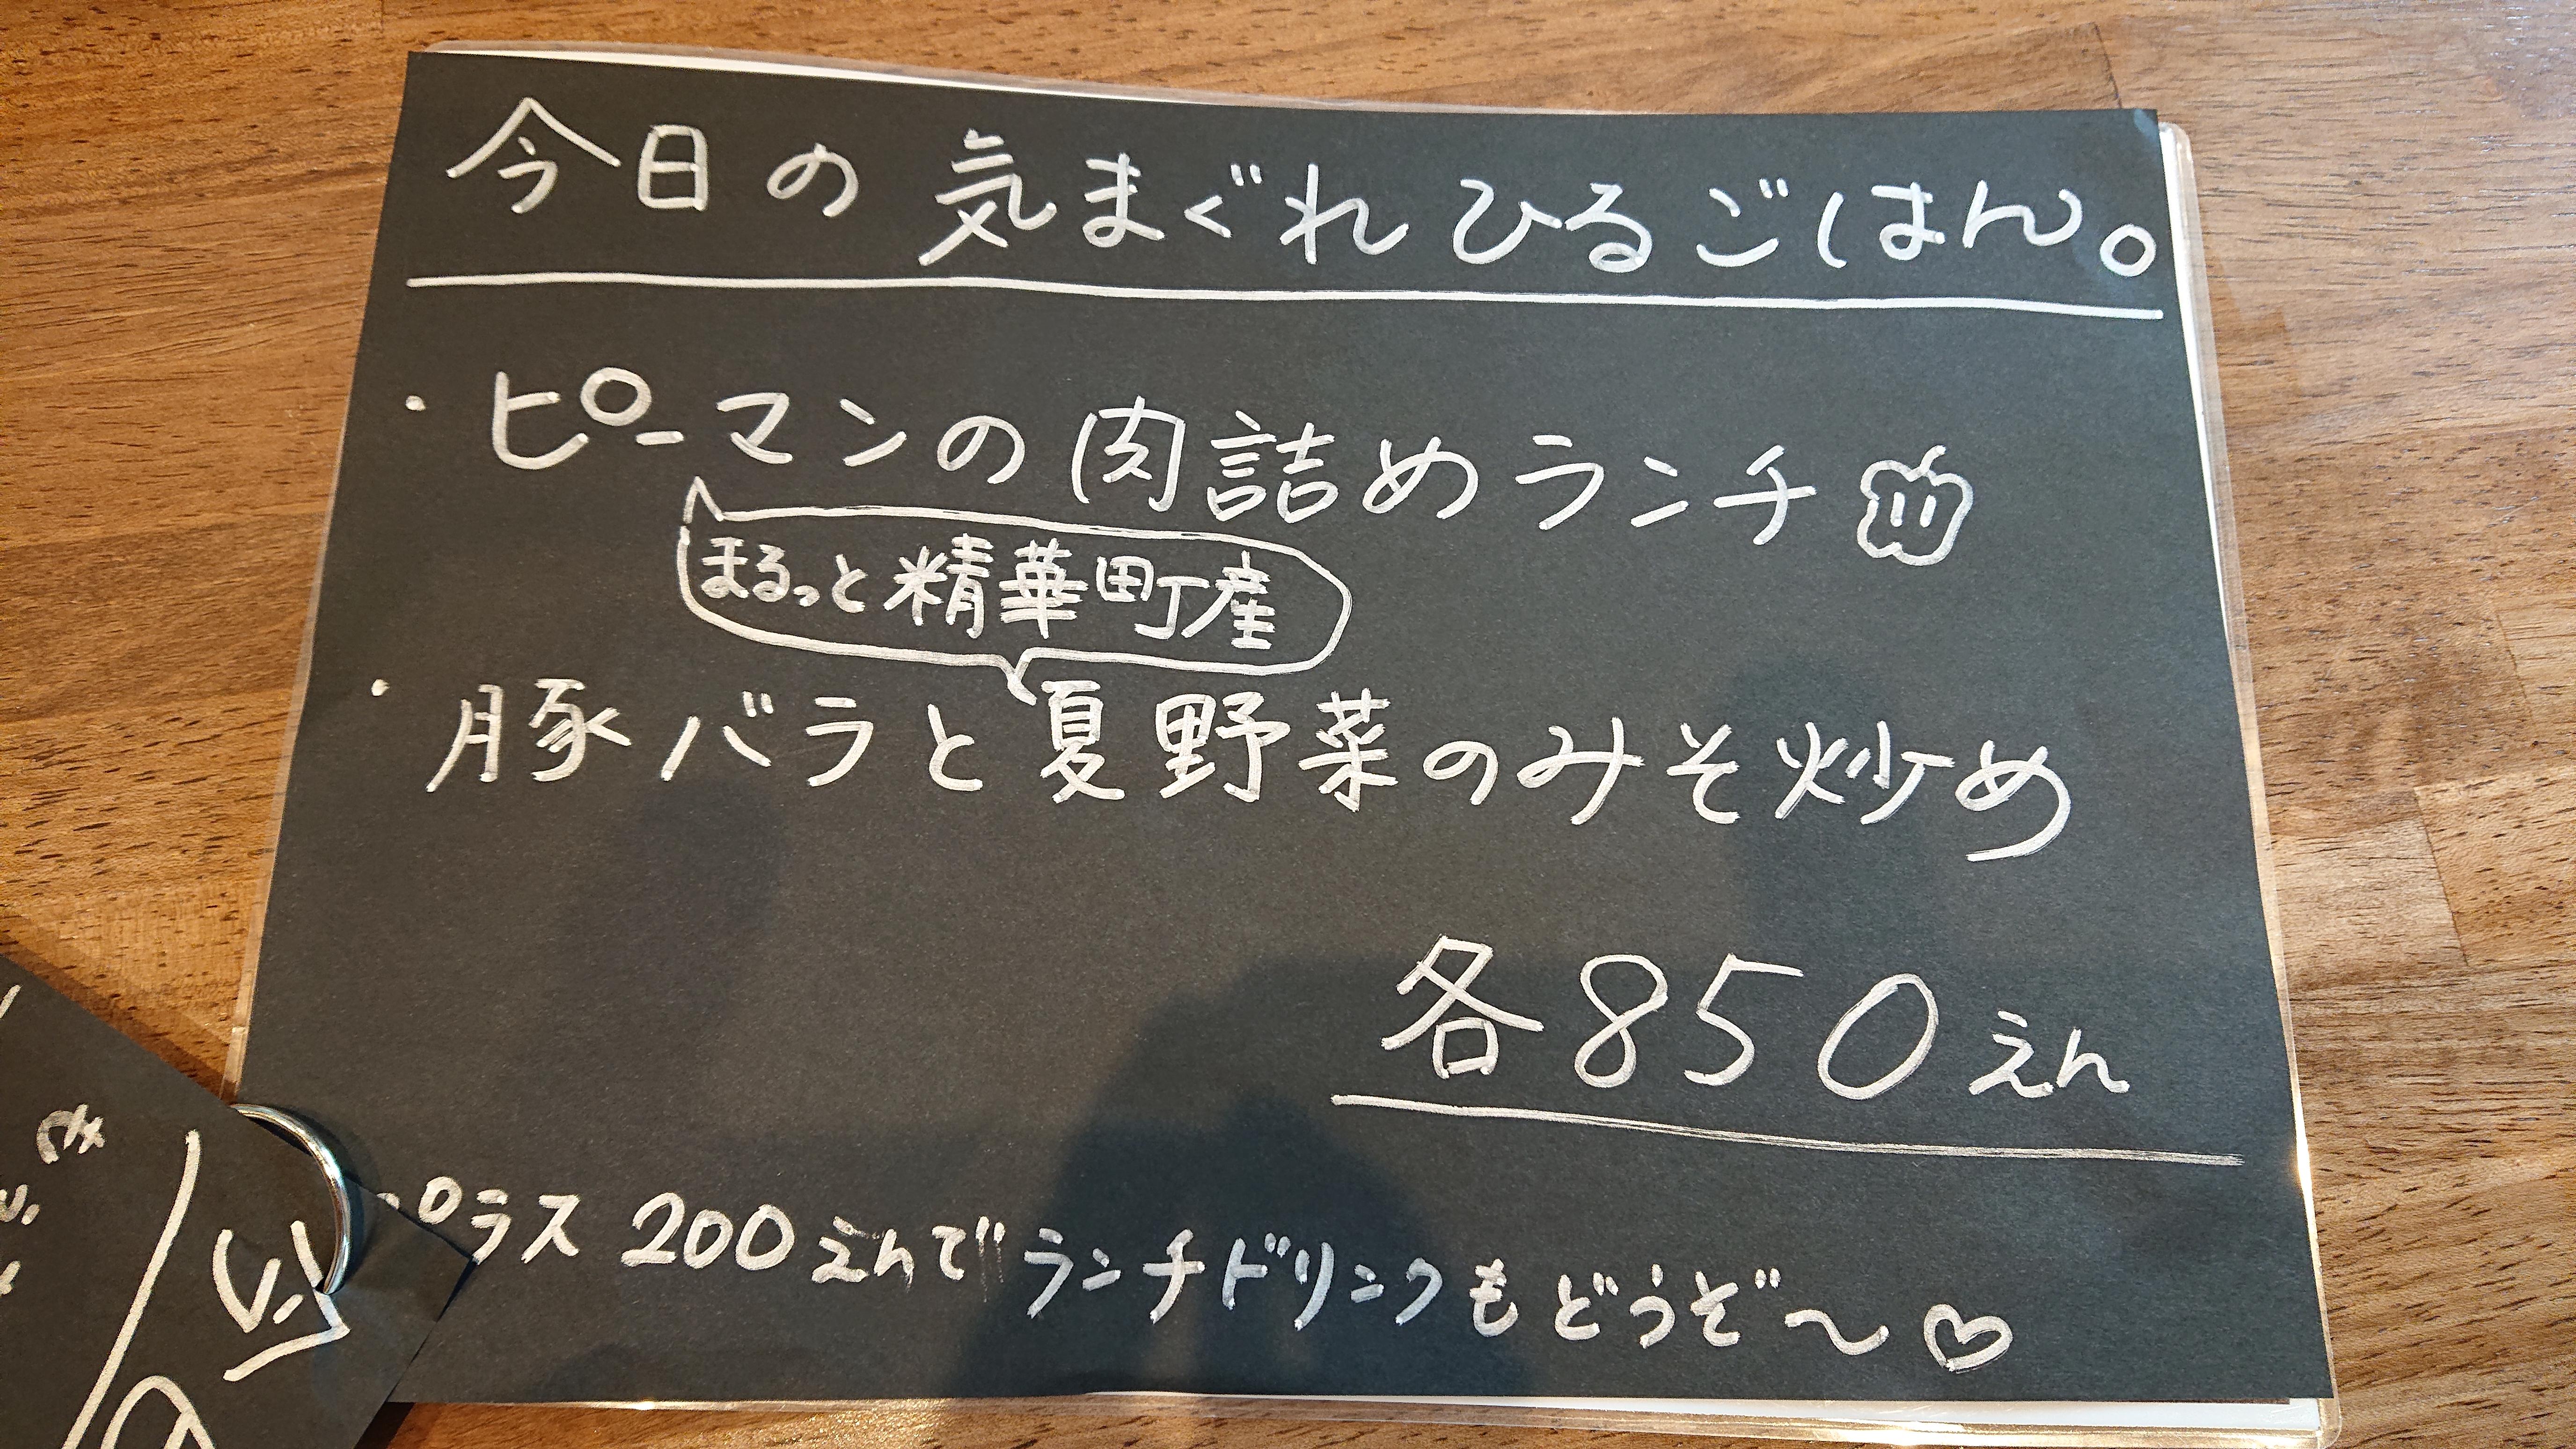 7/3(水)本日のお昼ごはん